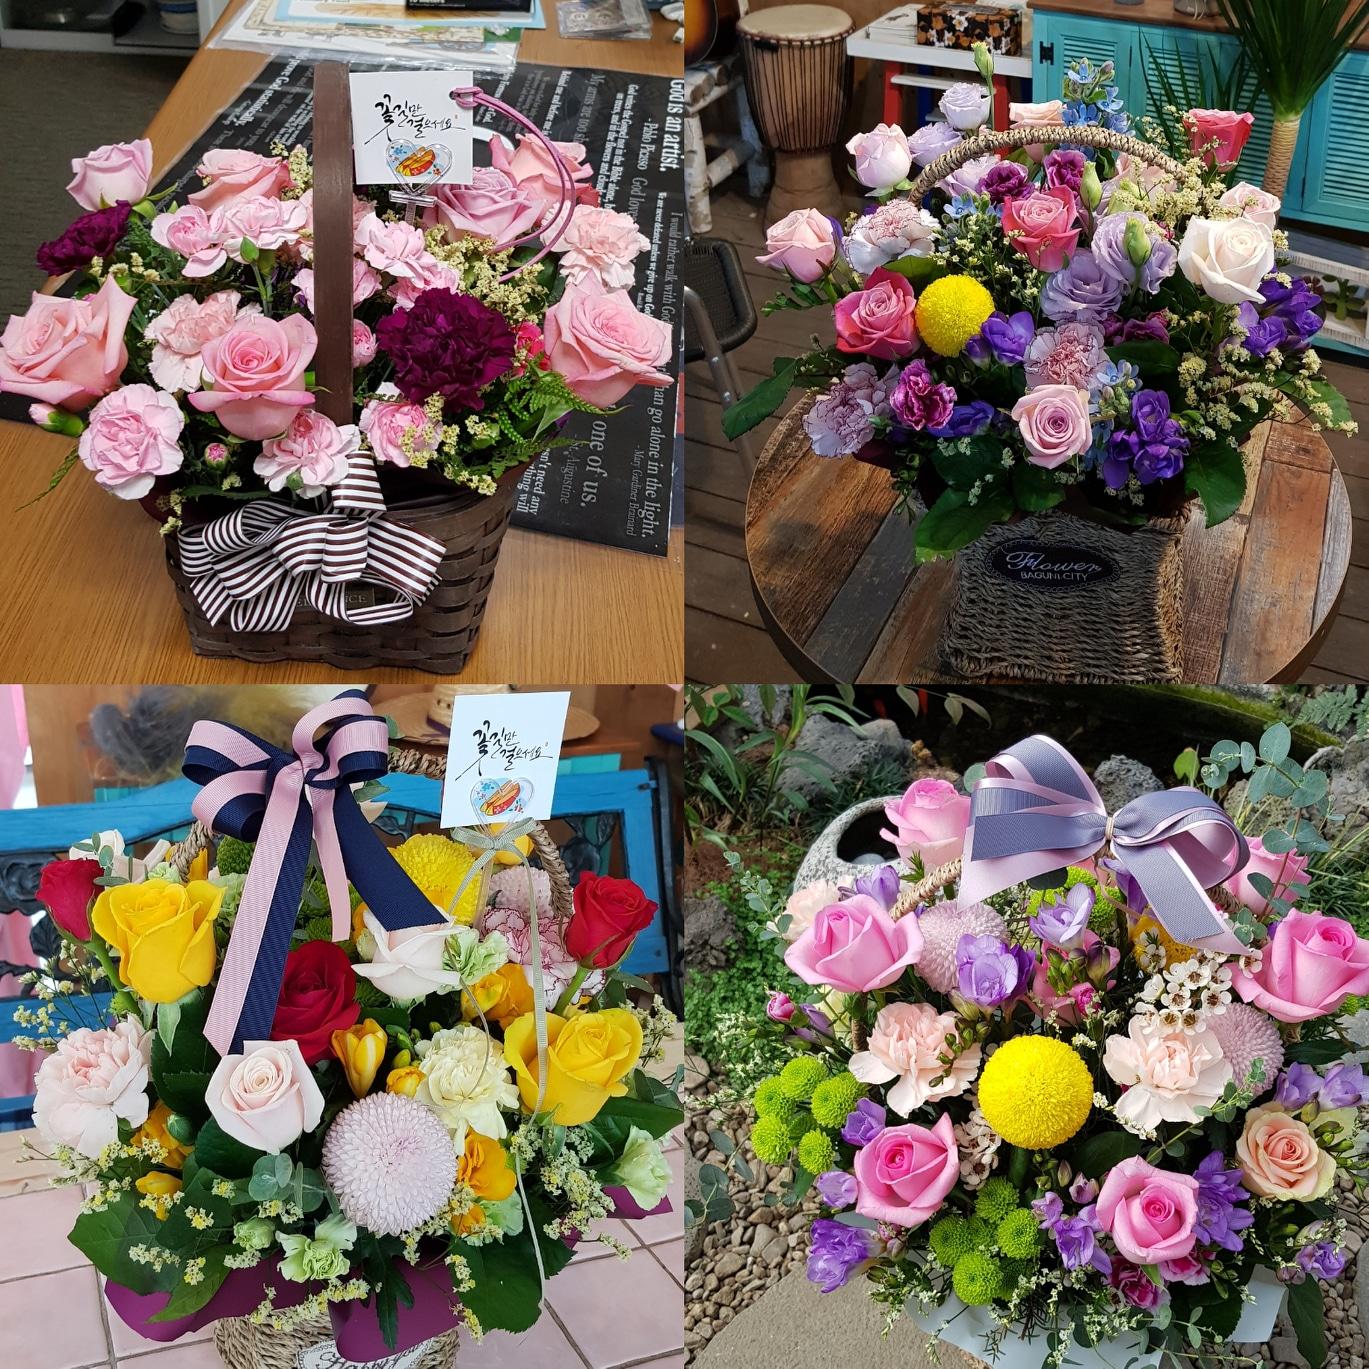 어버이날 꽃선물(카네이션)미리 예약주문하세요^~인기상품은 조기품절될수있답니다^^